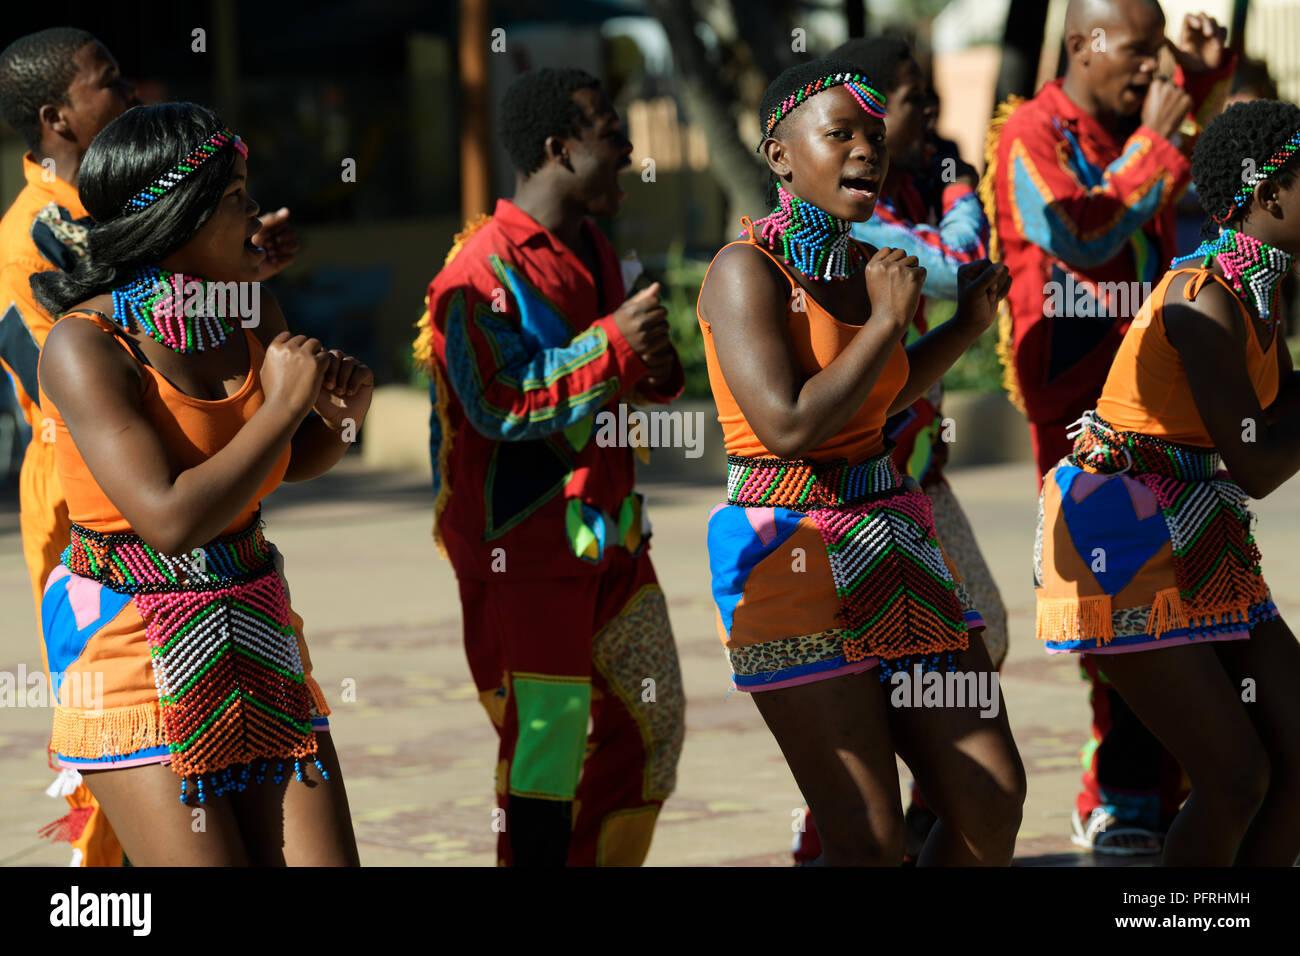 Hombres vestidos de mujer bailando y cantando